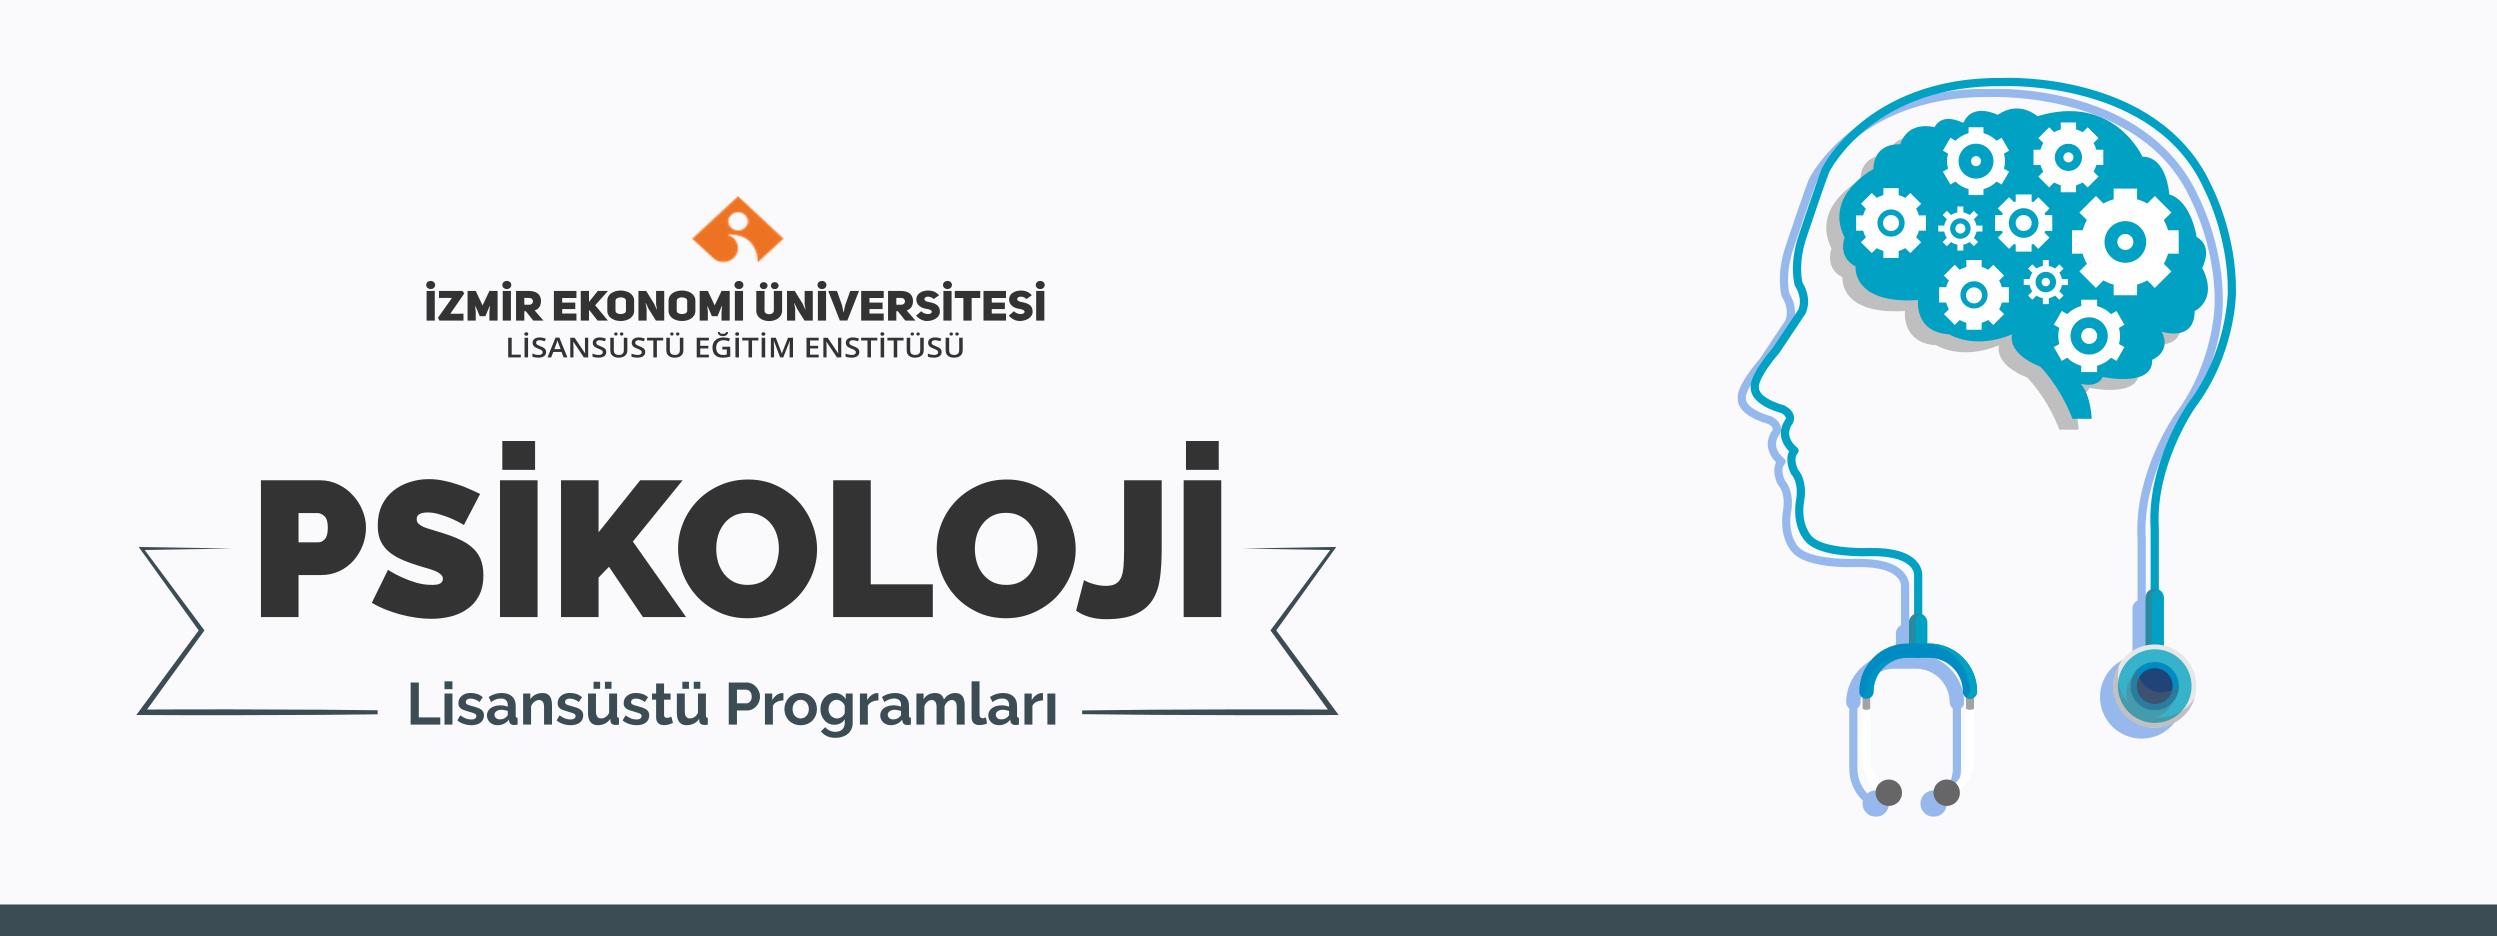 İzmir Ekonomi Üniversitesi Psikoloji Bölümü Yüksek Lisans ve Doktora Programları